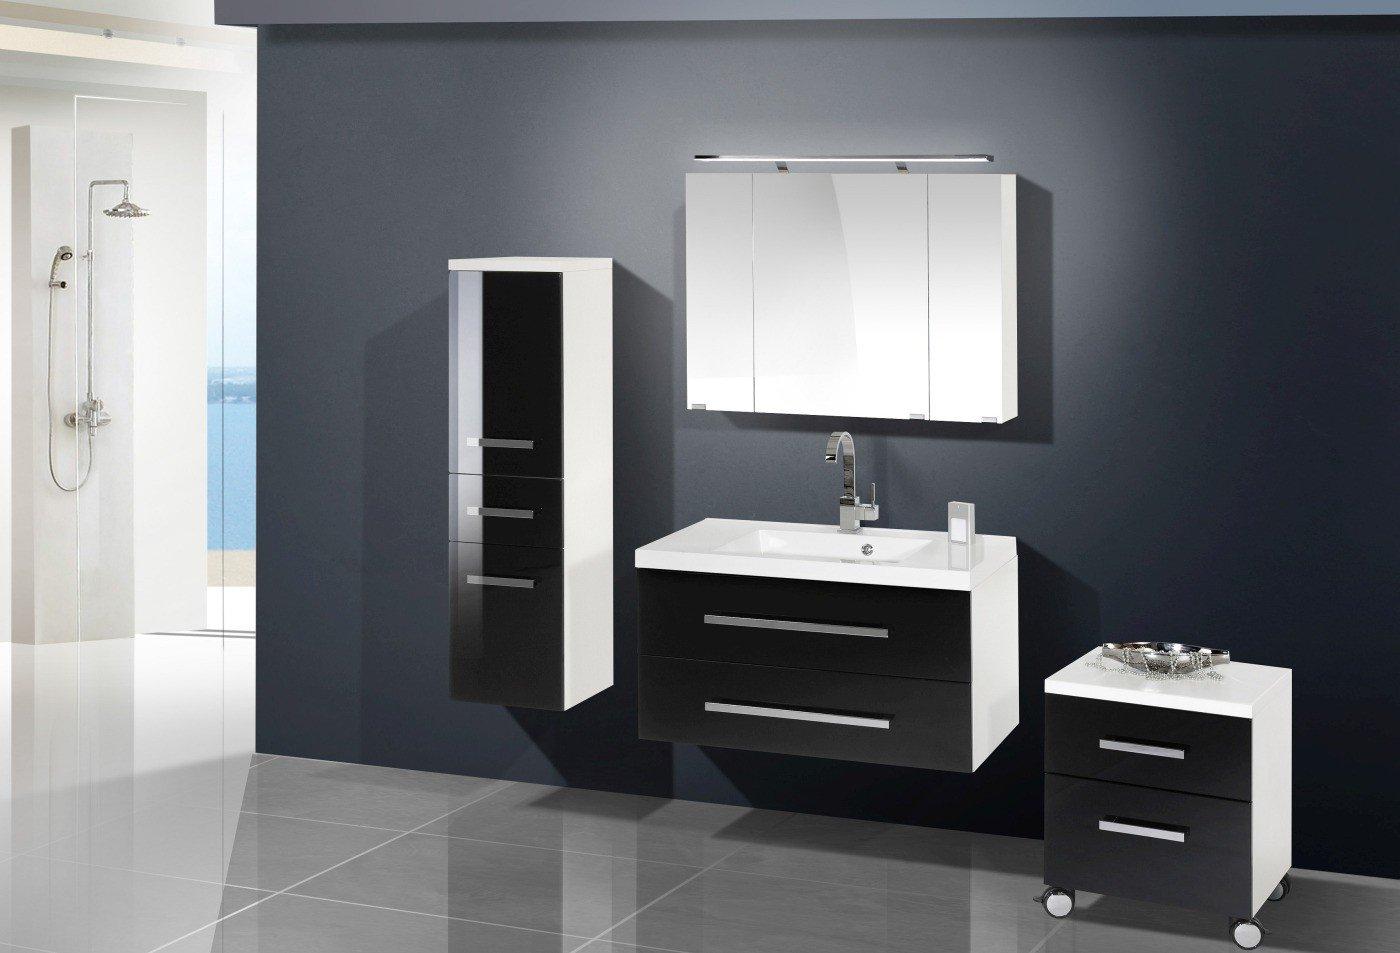 Badmöbel Set mit Spiegelschrank 90 cm